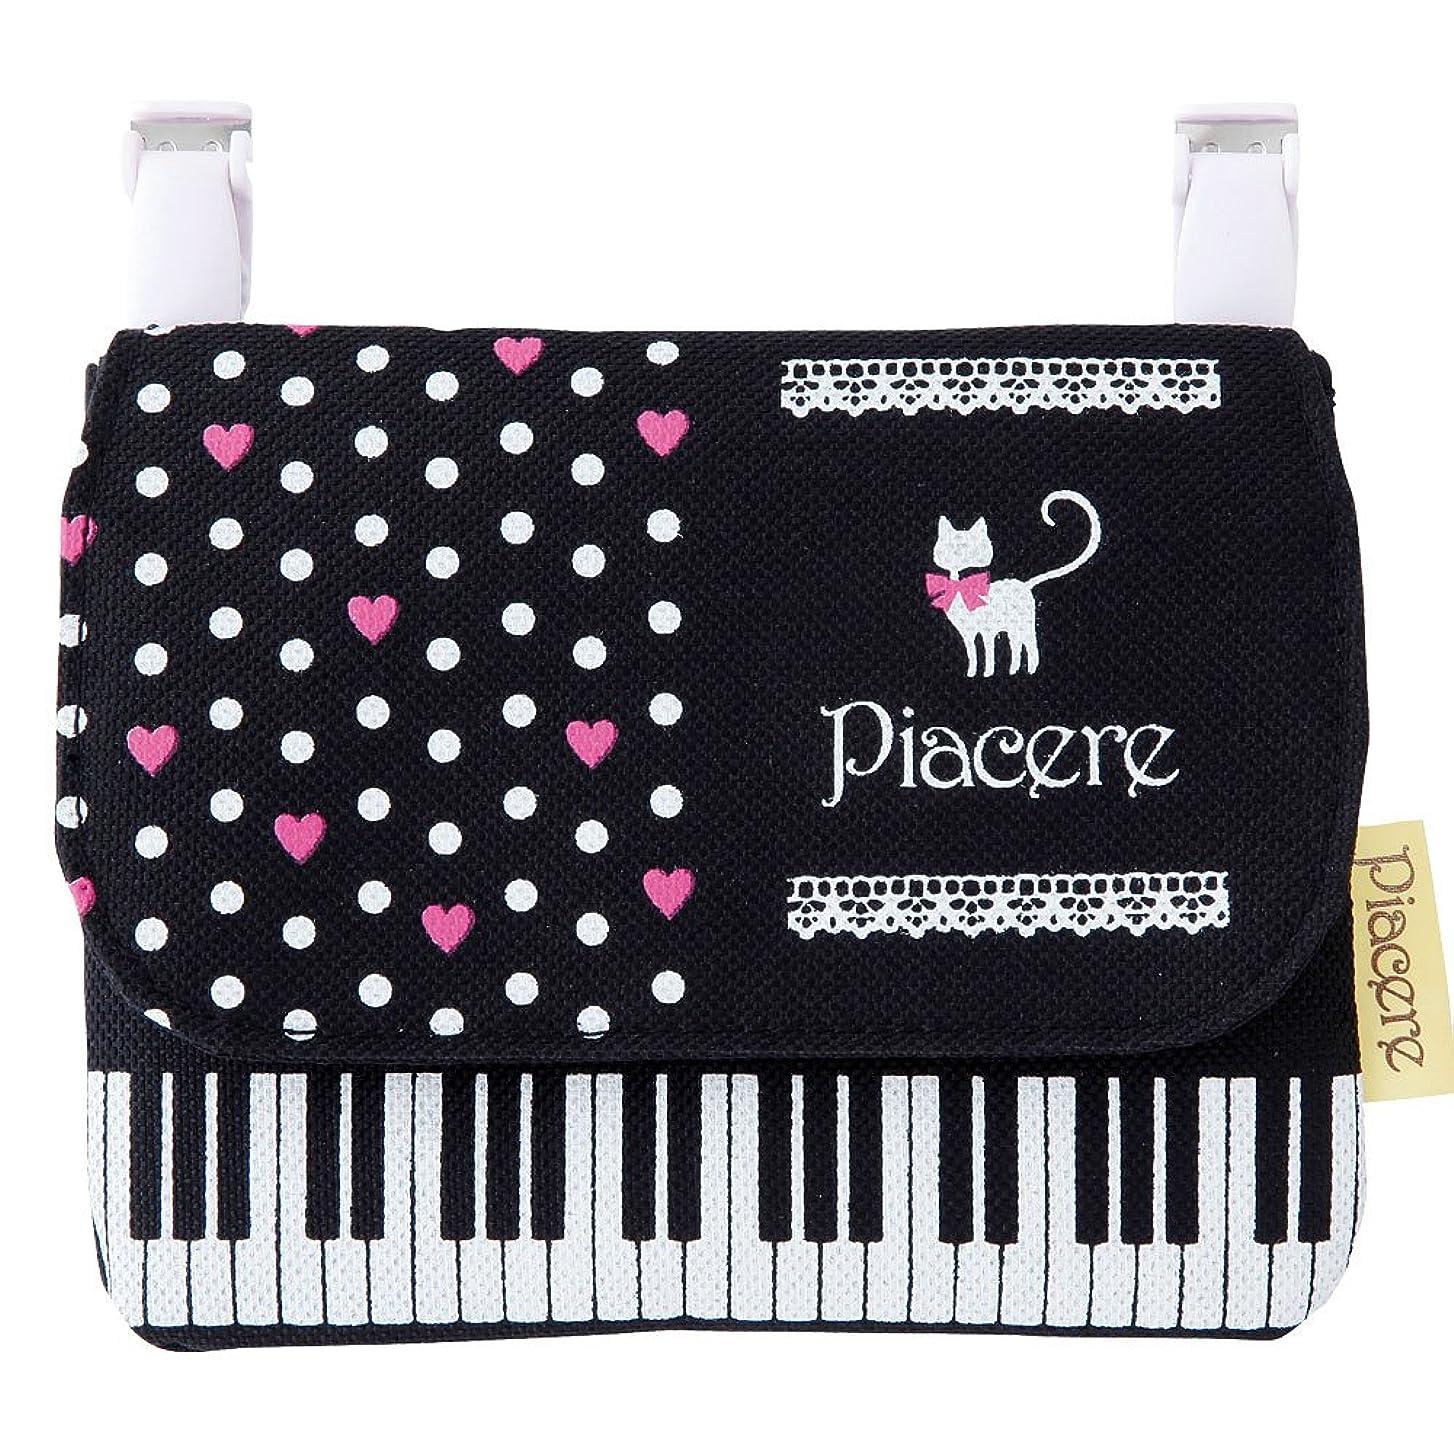 トライアスロンほこりサドルピアチェーレ ポケットポーチ(猫&鍵盤柄) ポケットティッシュケース付き移動ポケット 音楽モチーフ